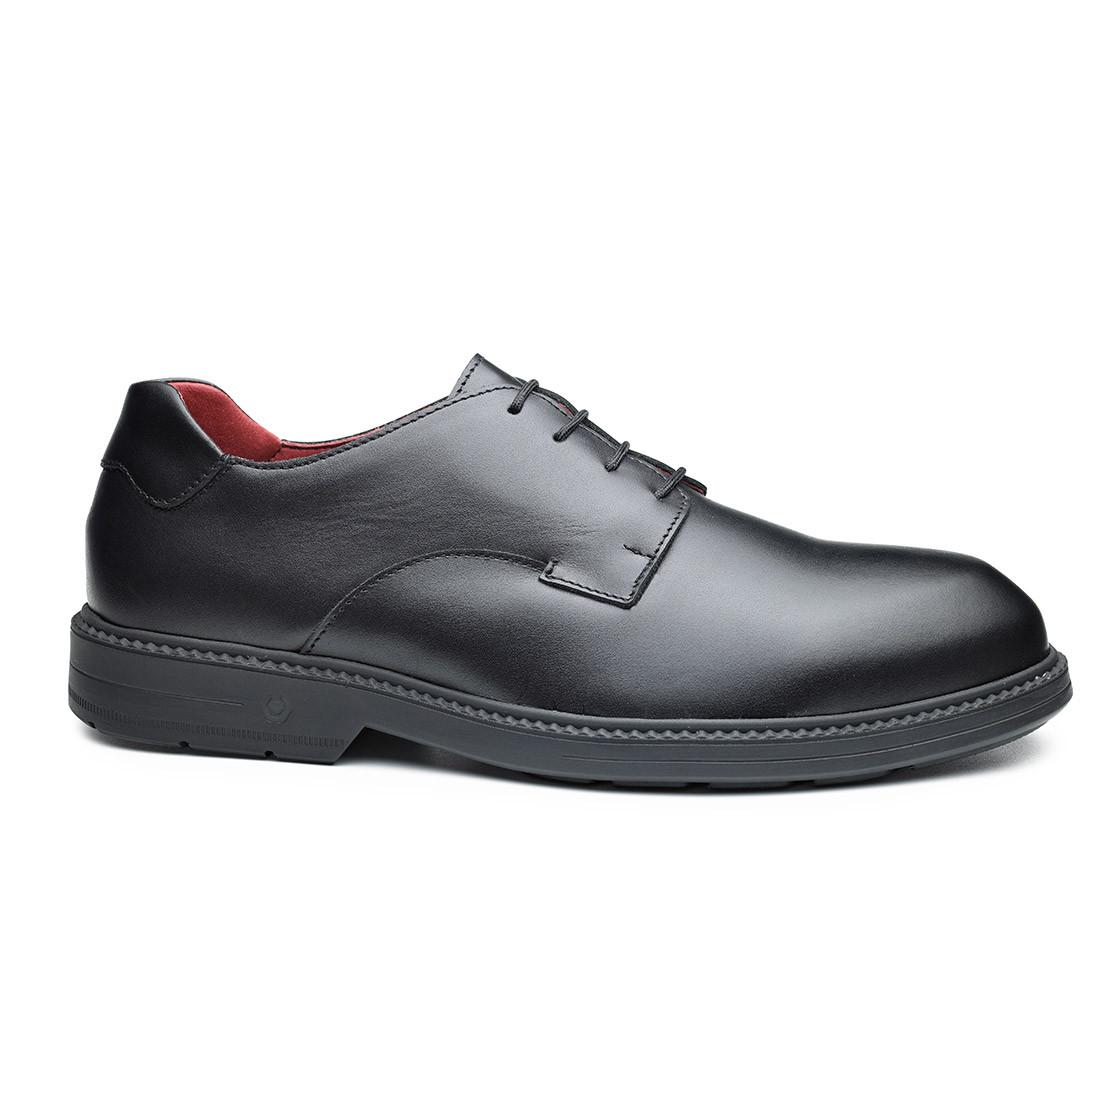 Pantofi Cosmos S3 ESD SRC - Incaltaminte de protectie